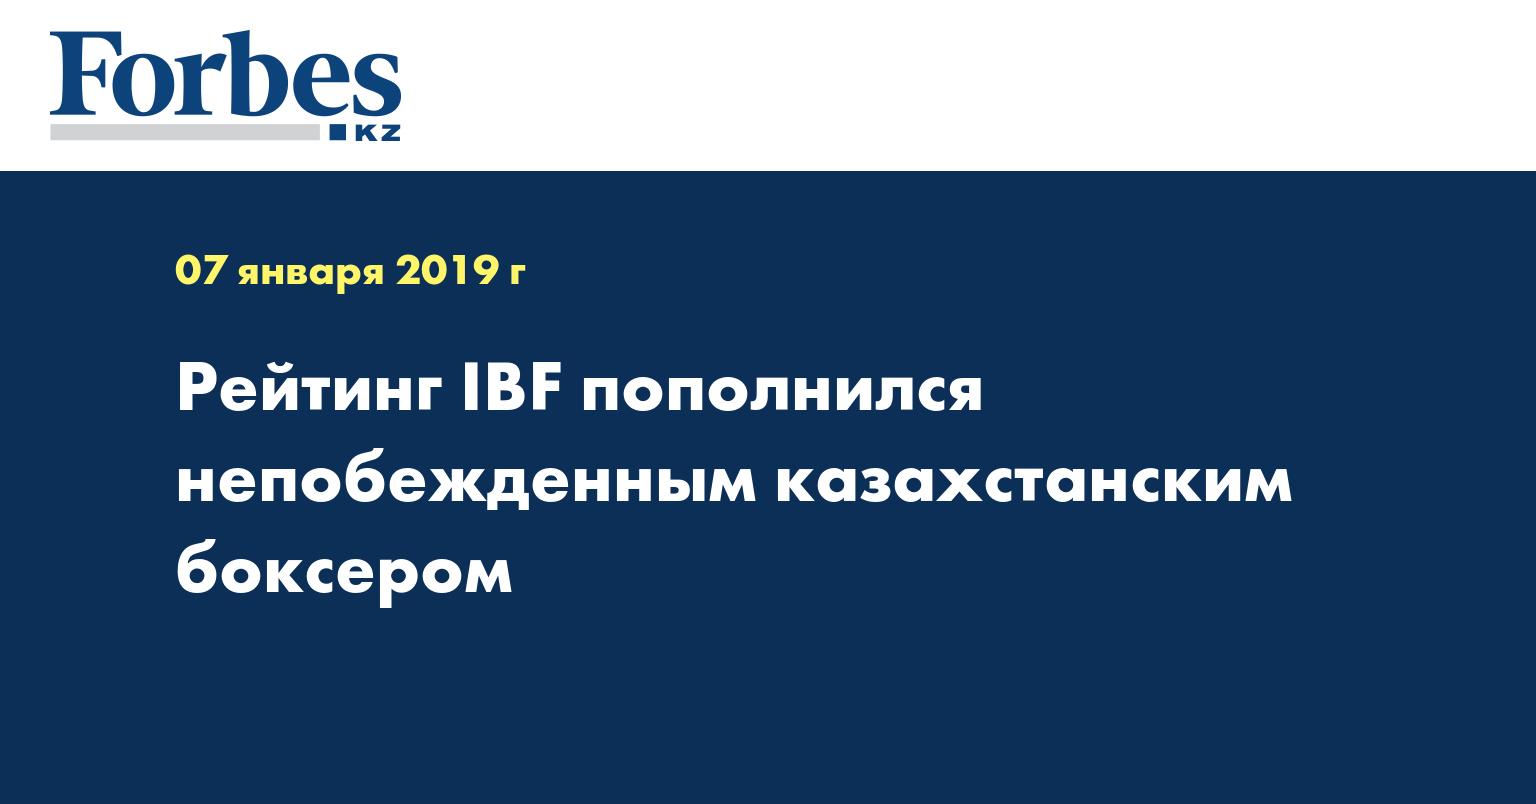 Рейтинг IBF пополнился непобежденным казахстанским боксером